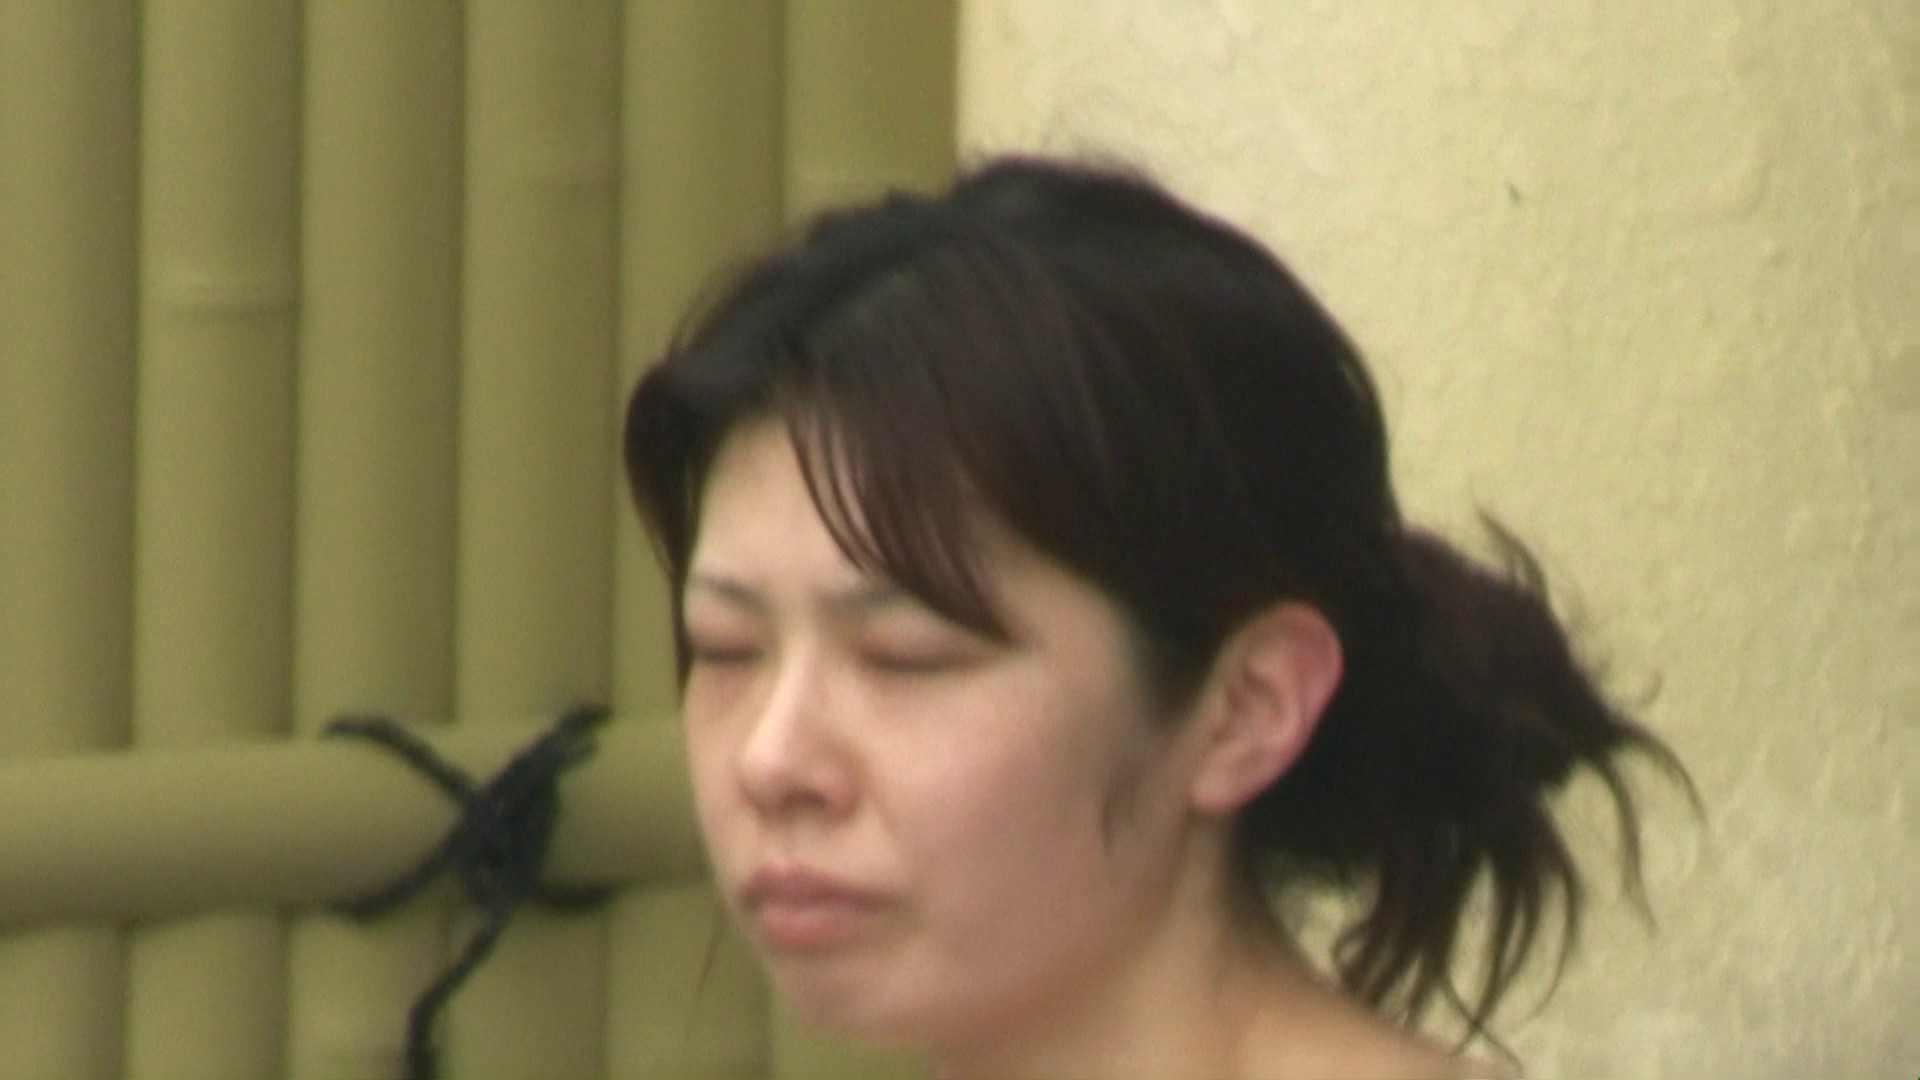 Aquaな露天風呂Vol.676 盗撮シリーズ  83PIX 72